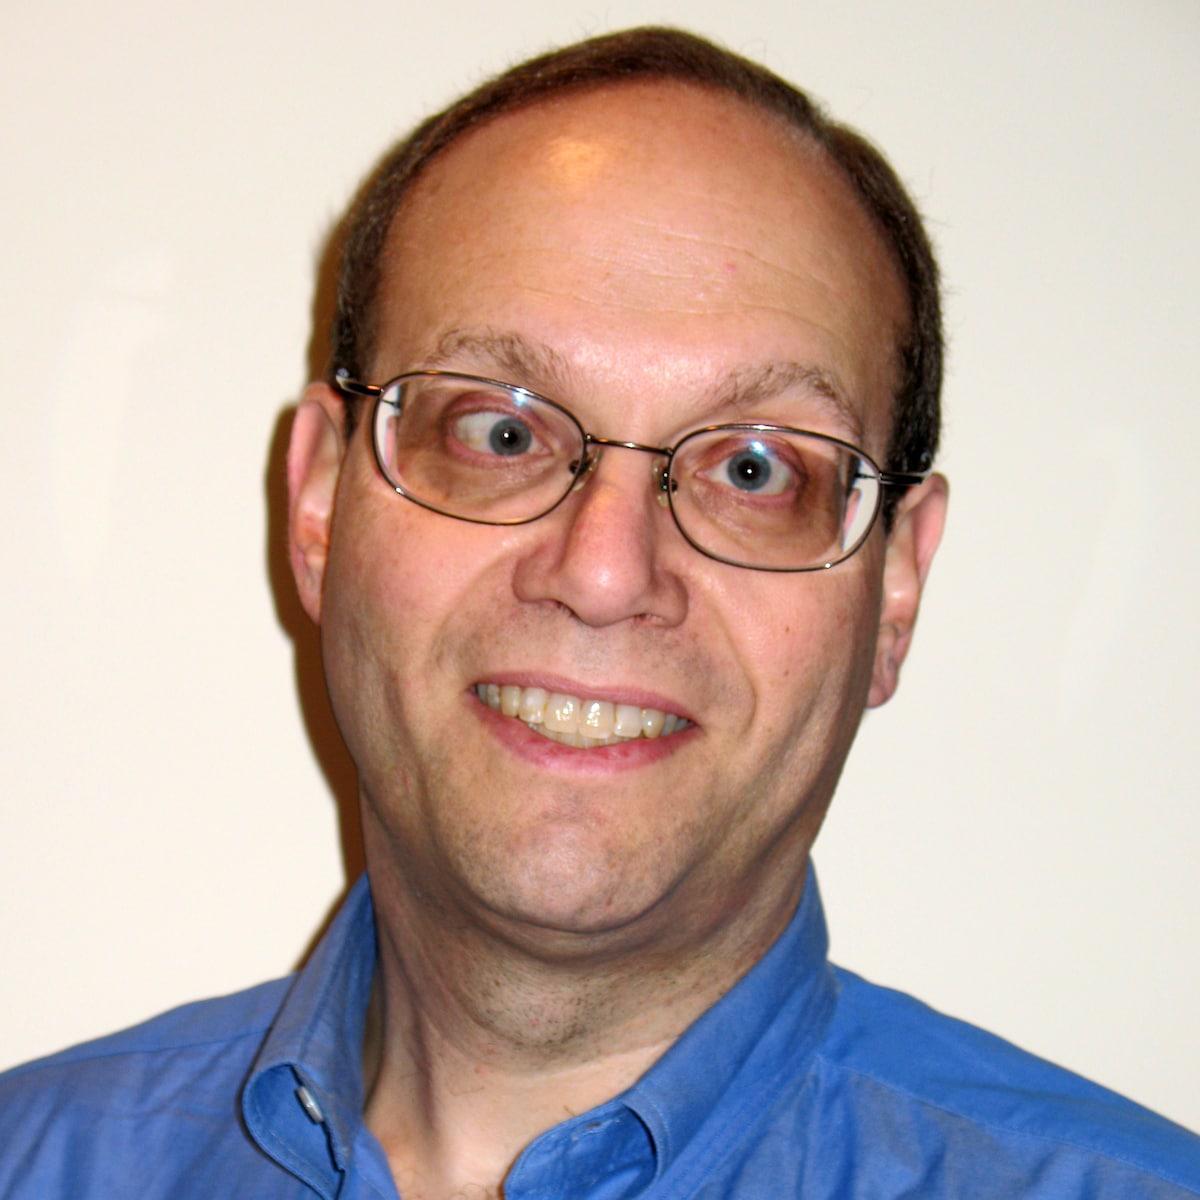 Joseph From Strafford, VT